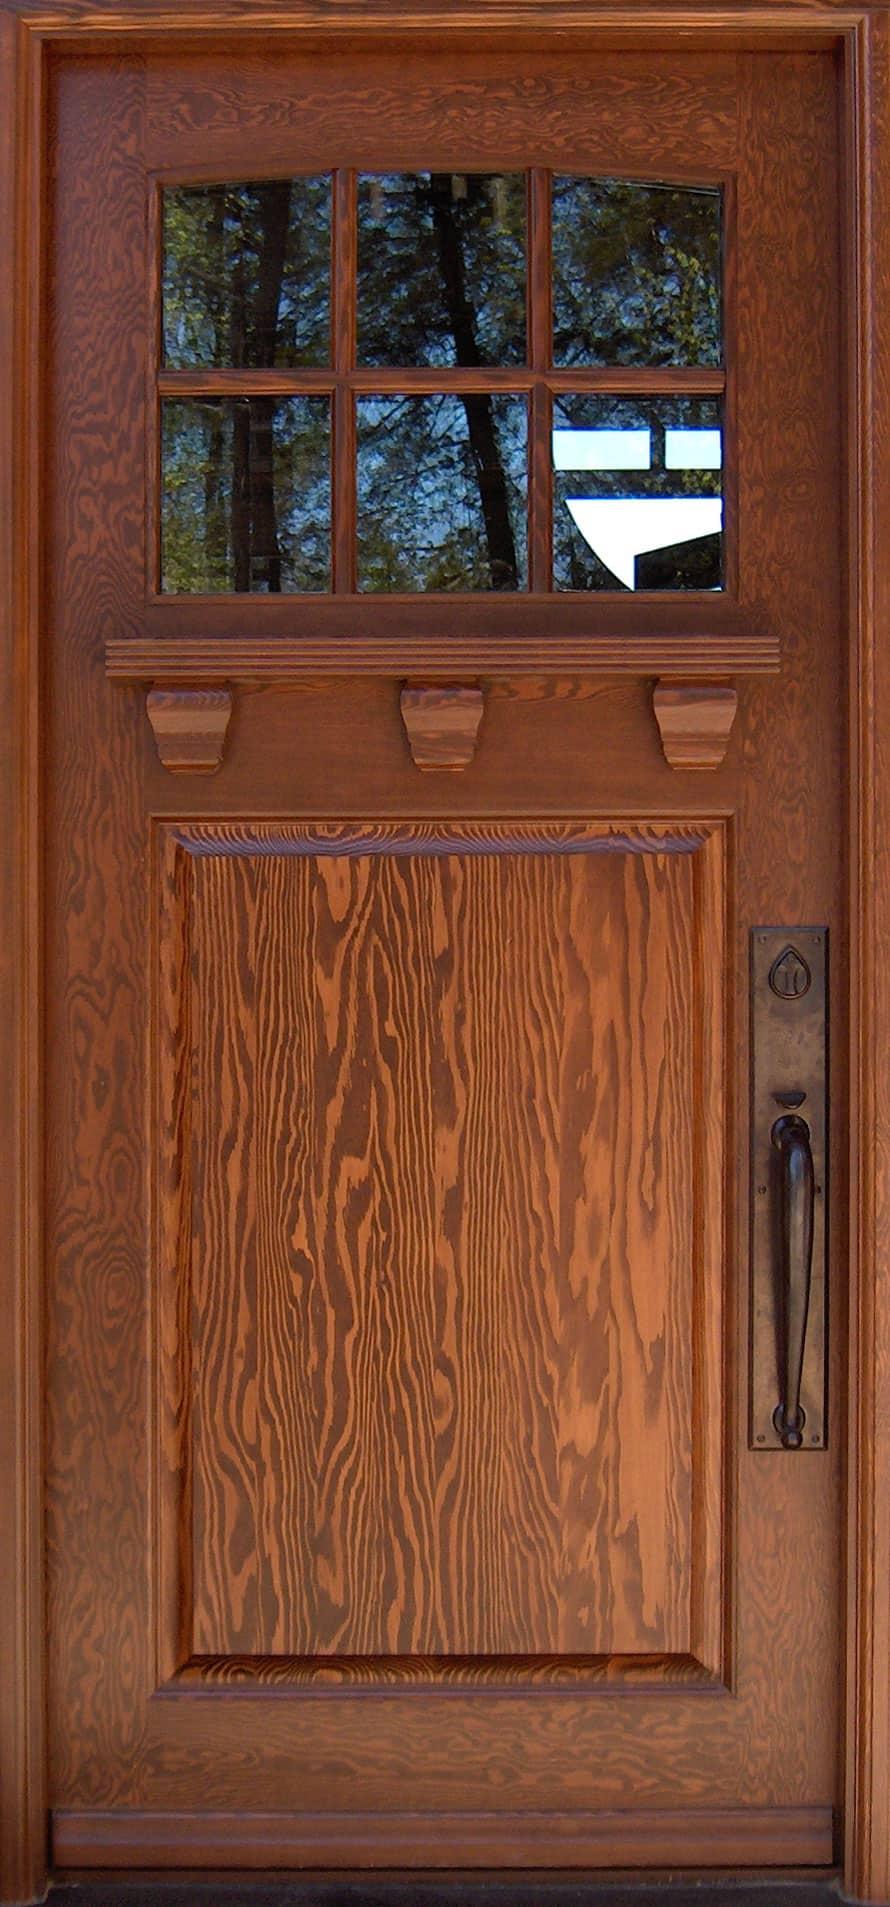 calgary door east doors alberta ab opening hours bus churchill wood custom ave